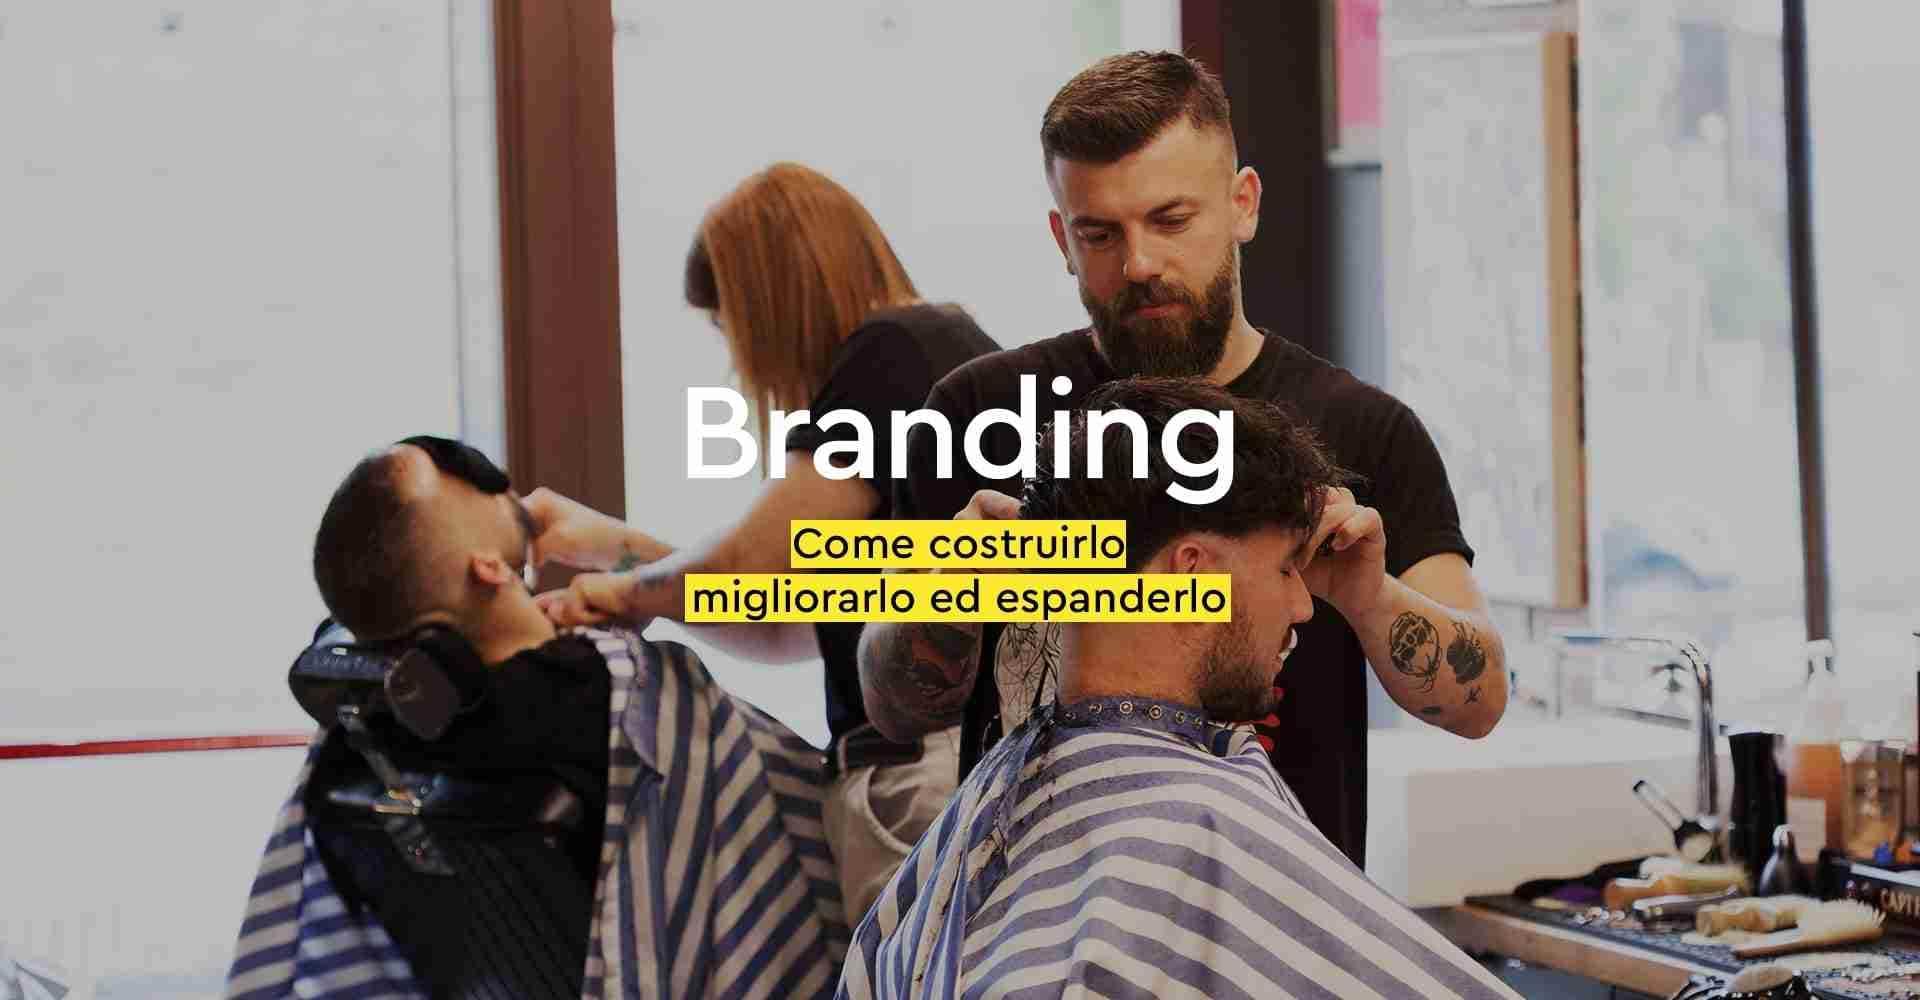 Creare un brand salone di parrucchieri